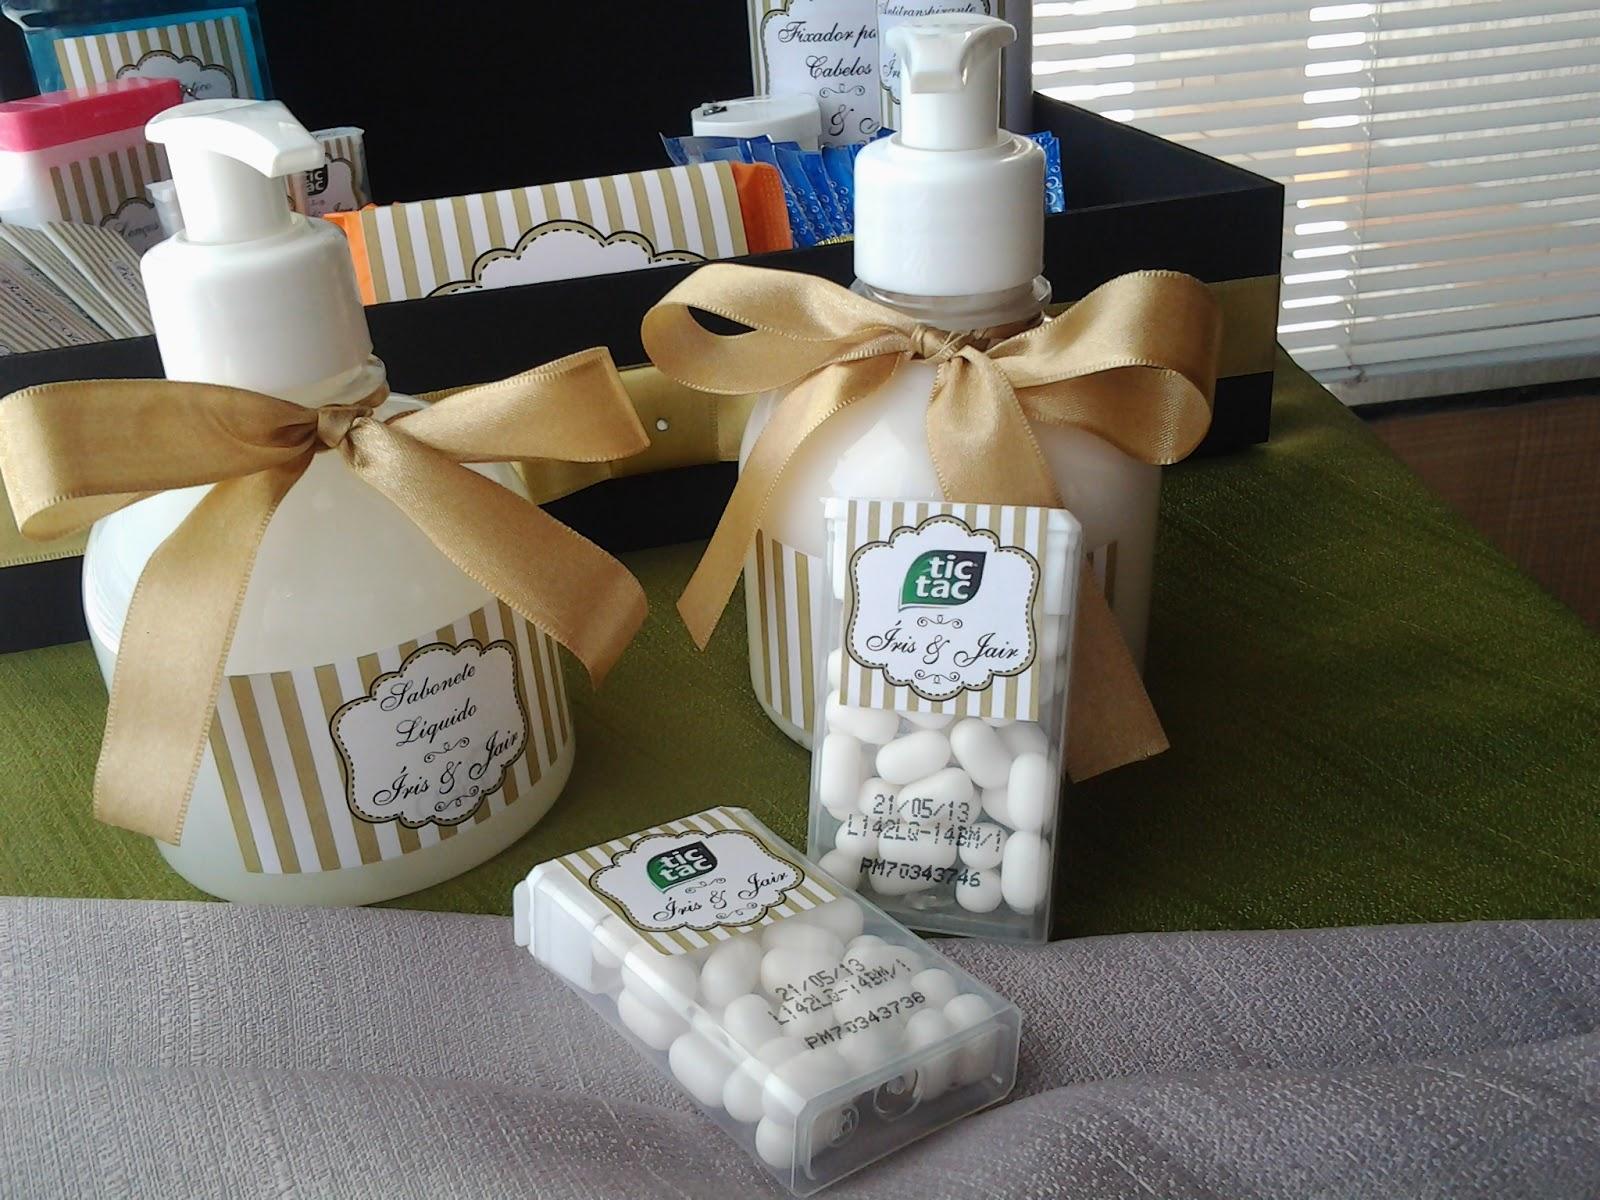 Imagens de #6D442B  Comemorações Personalizadas: Kit de Banheiro para festa de casamento 1600x1200 px 2806 Box Banheiro Marilia